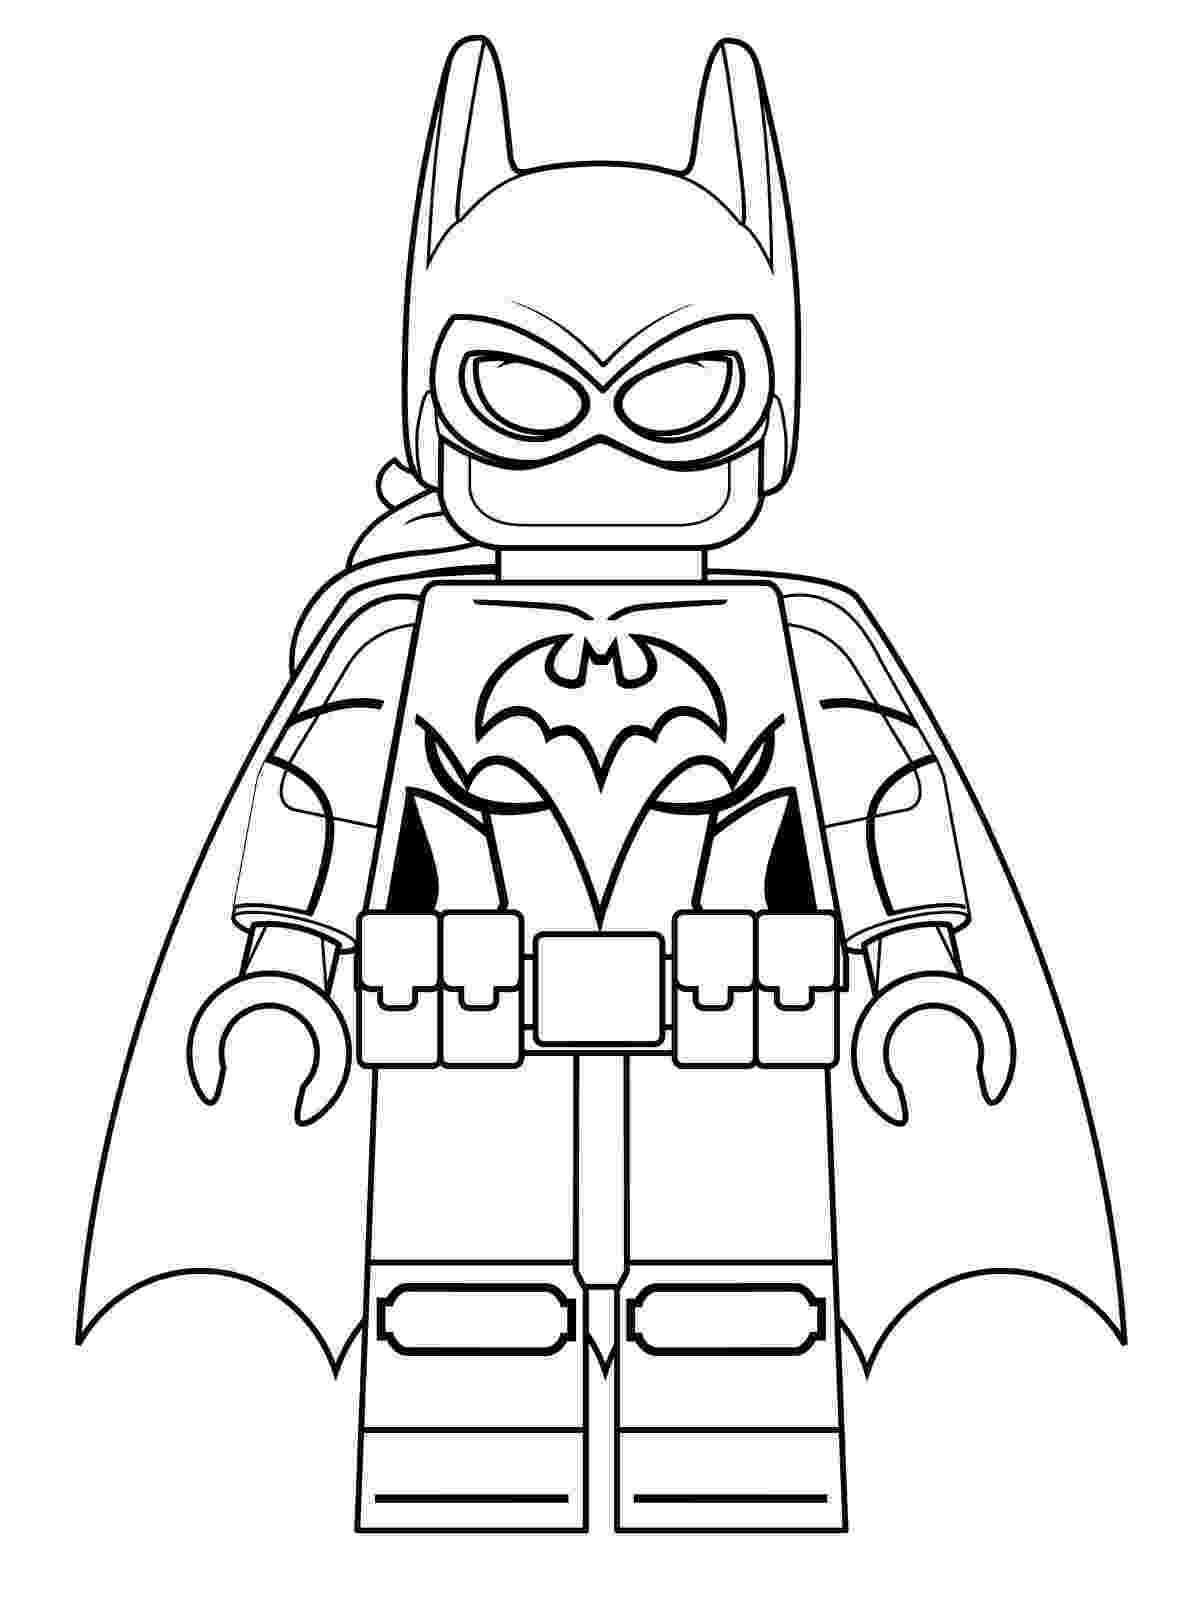 coloring pages of legos lego batman coloring pages best coloring pages for kids coloring of pages legos